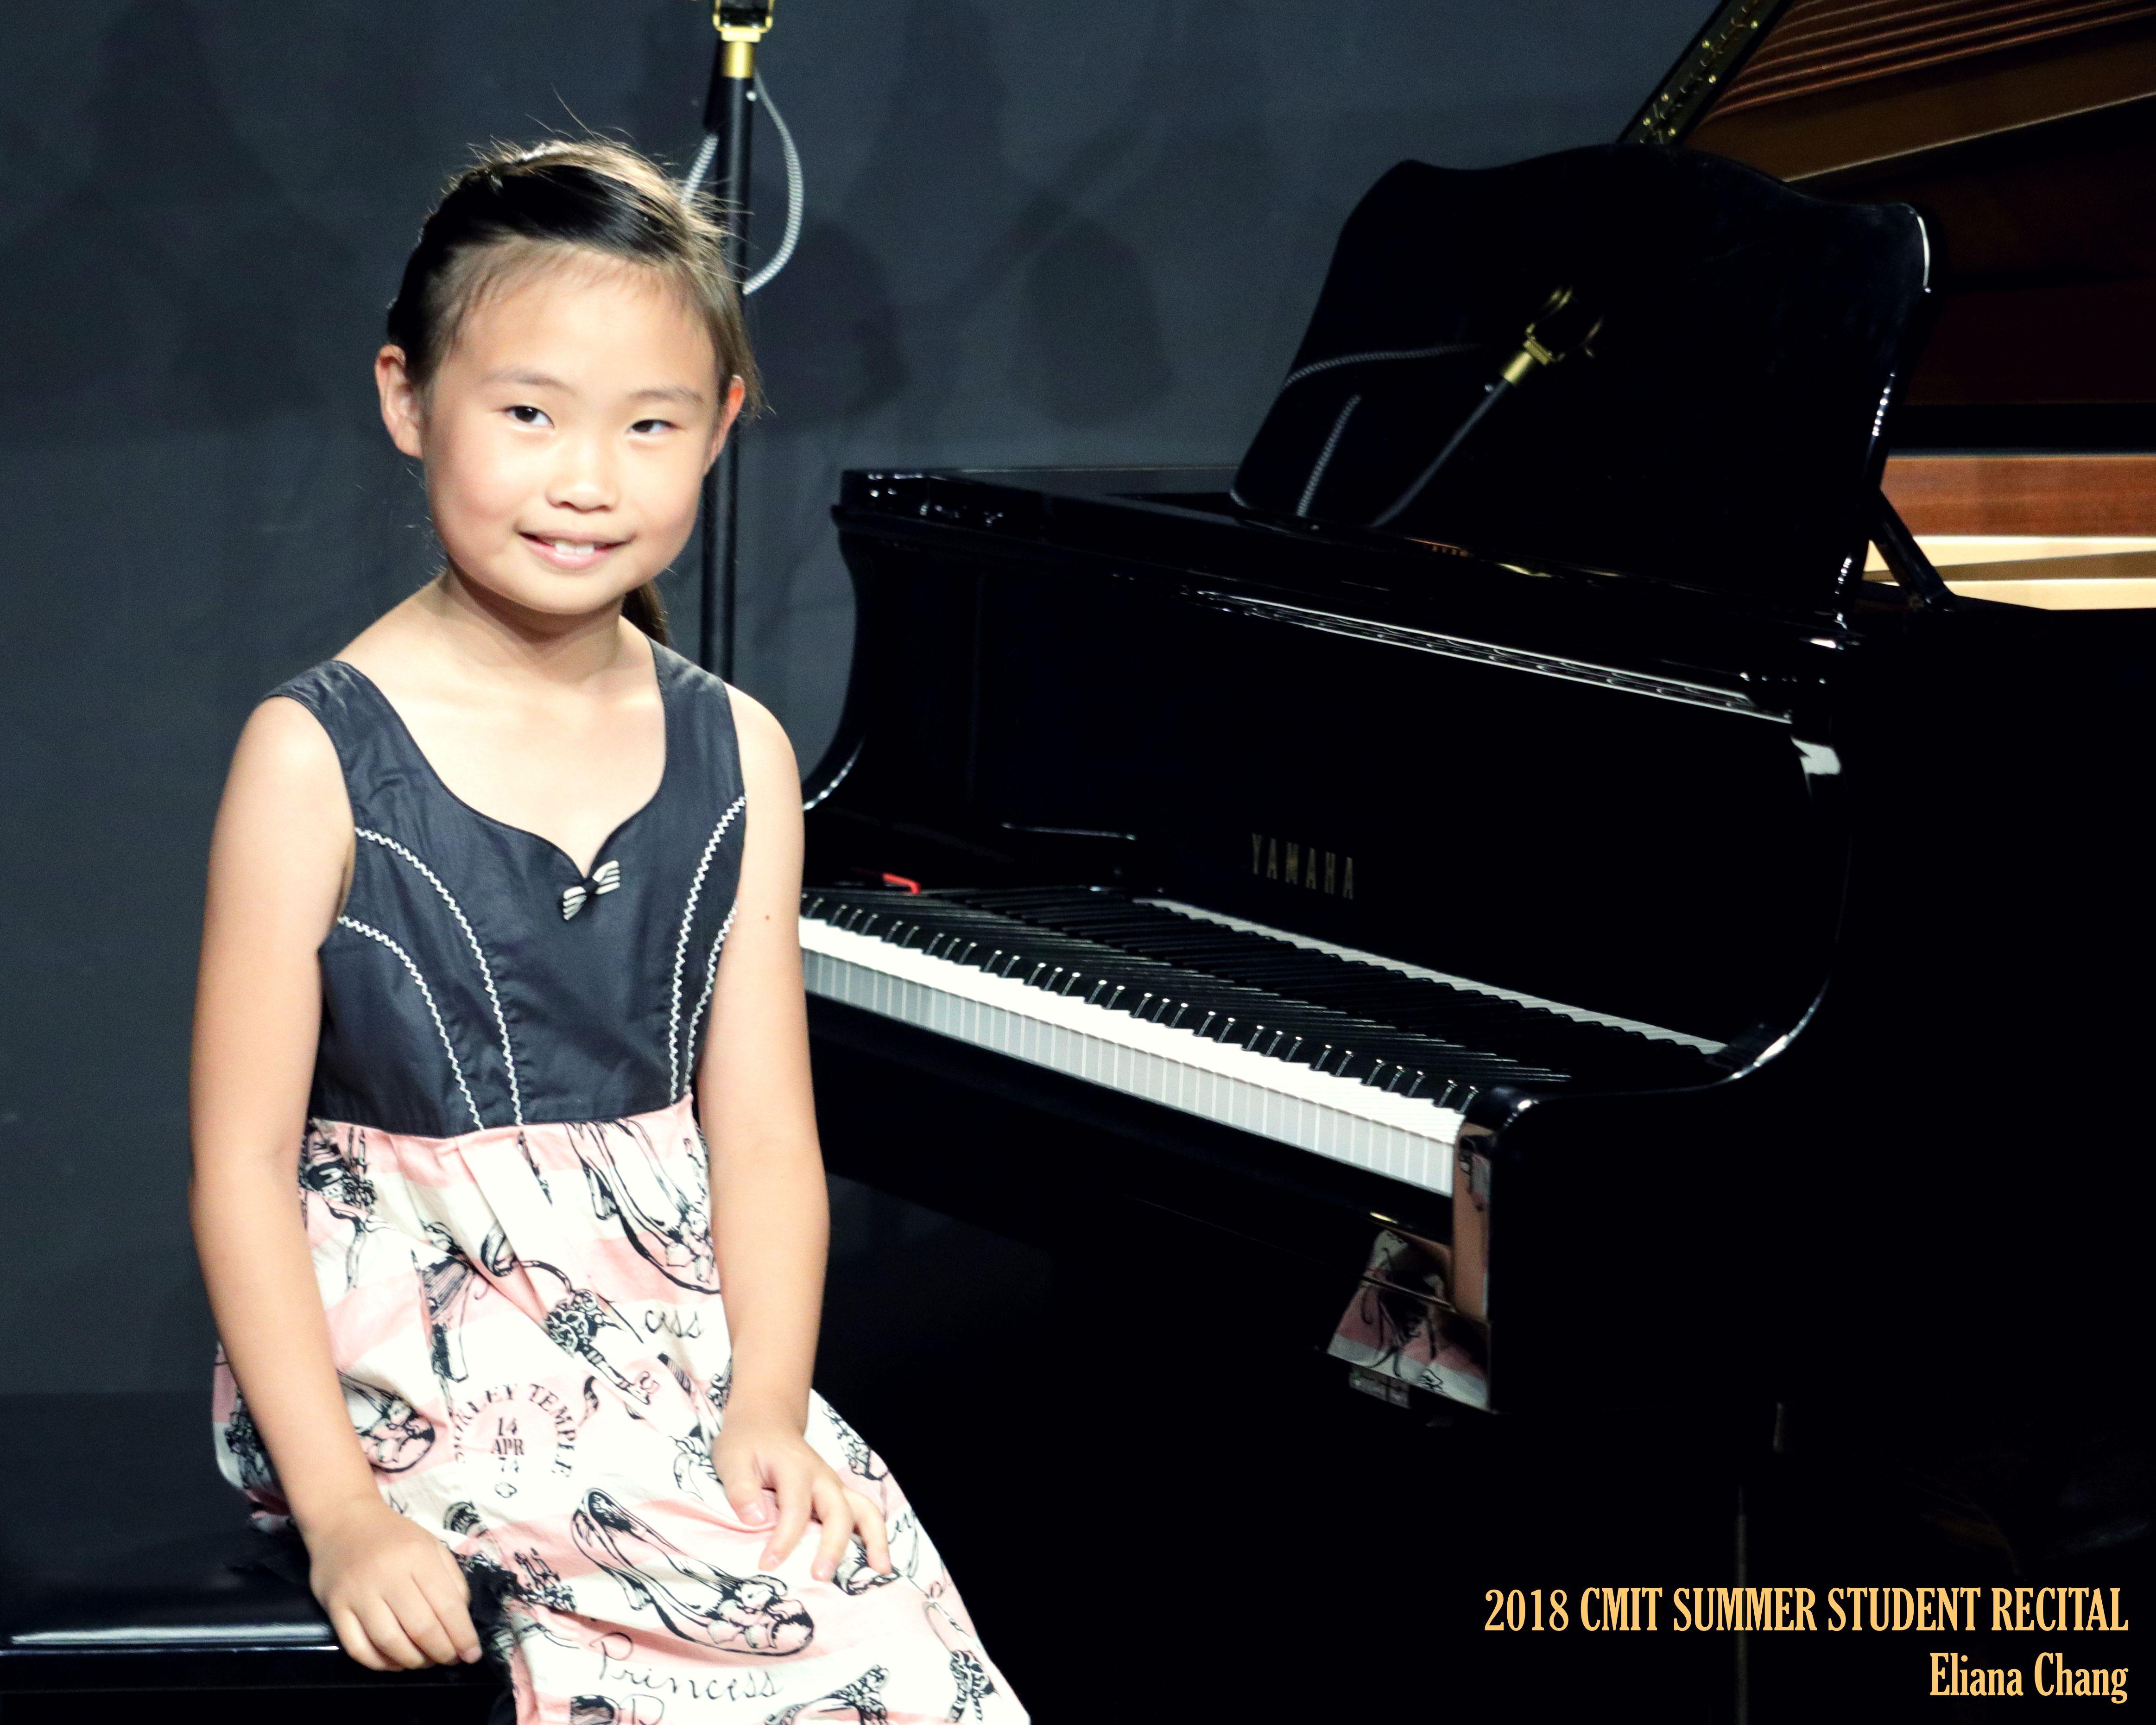 06 Eliana Chang